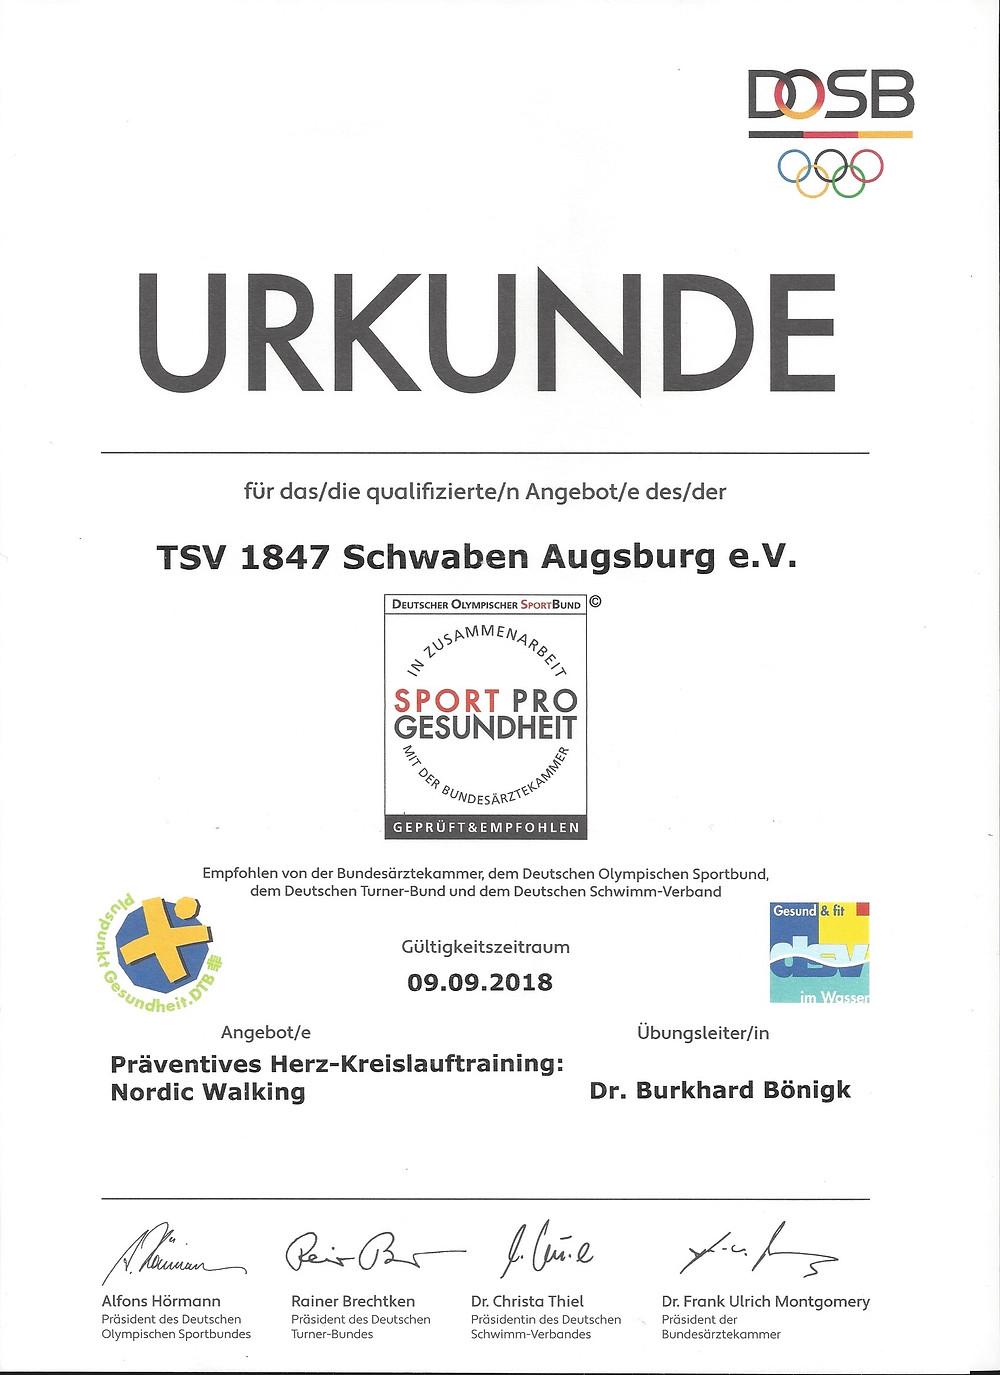 """Laufinstinkt Schwaben Augsburg - Nordic Walking als präventives Herz-Kreislauftraining, ausgezeichnet mit dem Qualitätssiegel """"Sport Pro Gesundheit"""" Bild 1"""